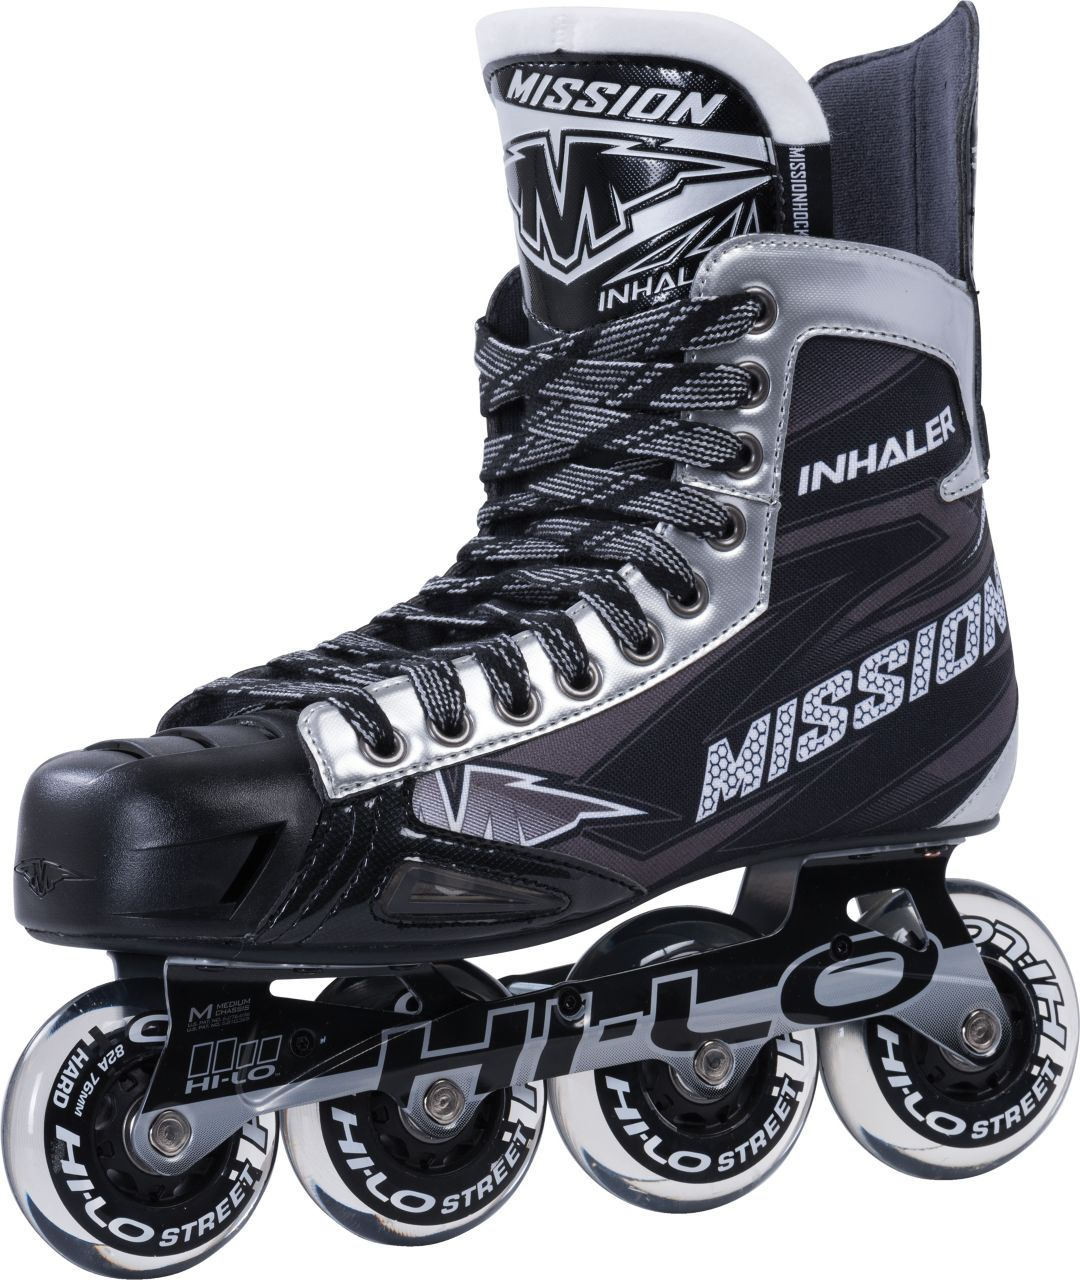 Mission Junior Inhaler NLS6 Roller Hockey Skates in 2019